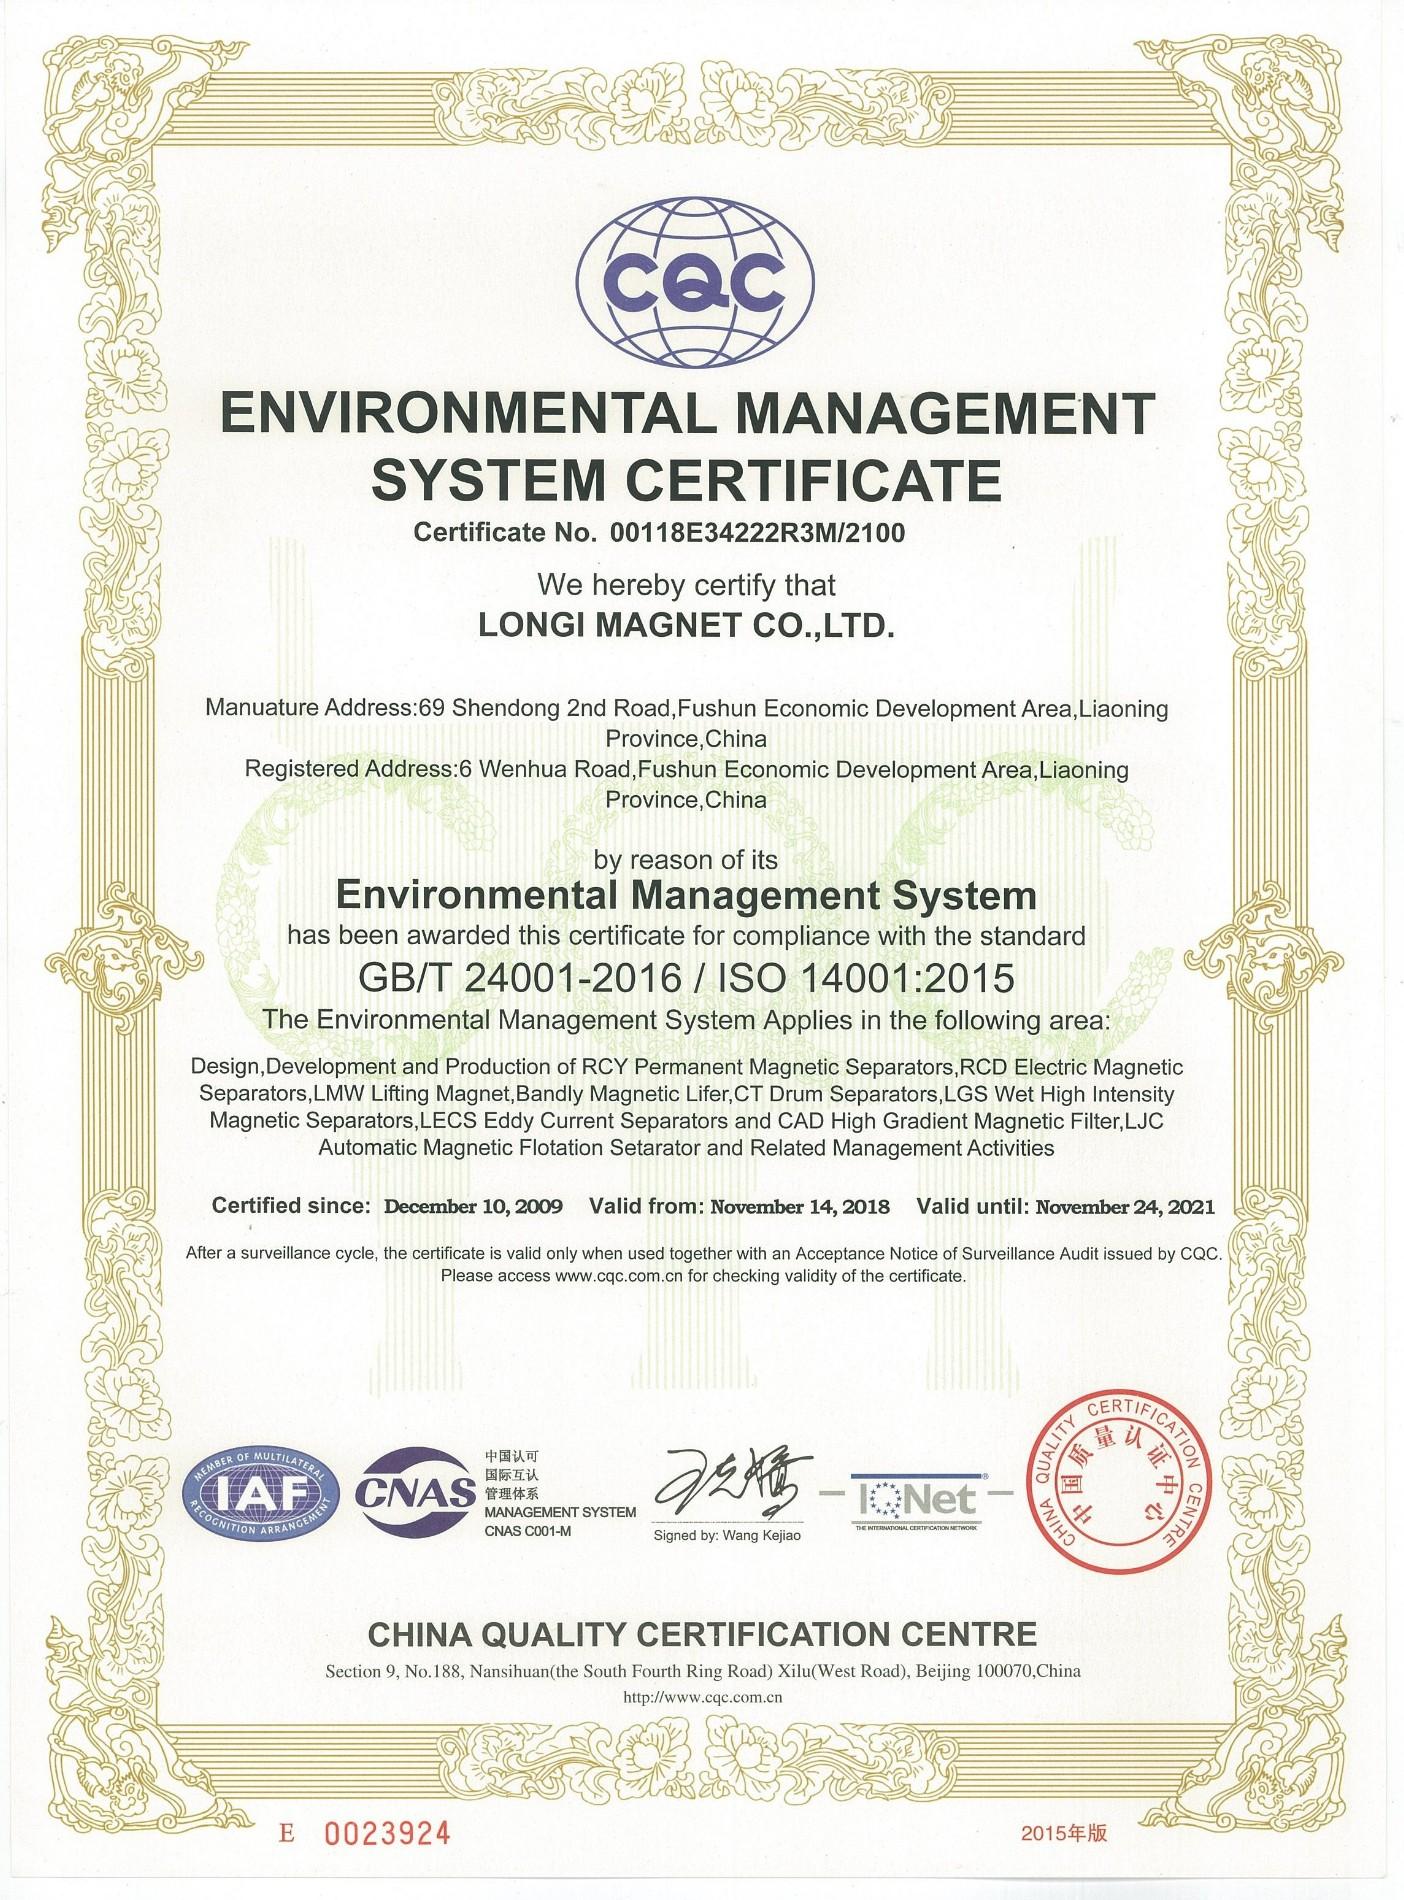 אישור מערכת ניהול הסביבה